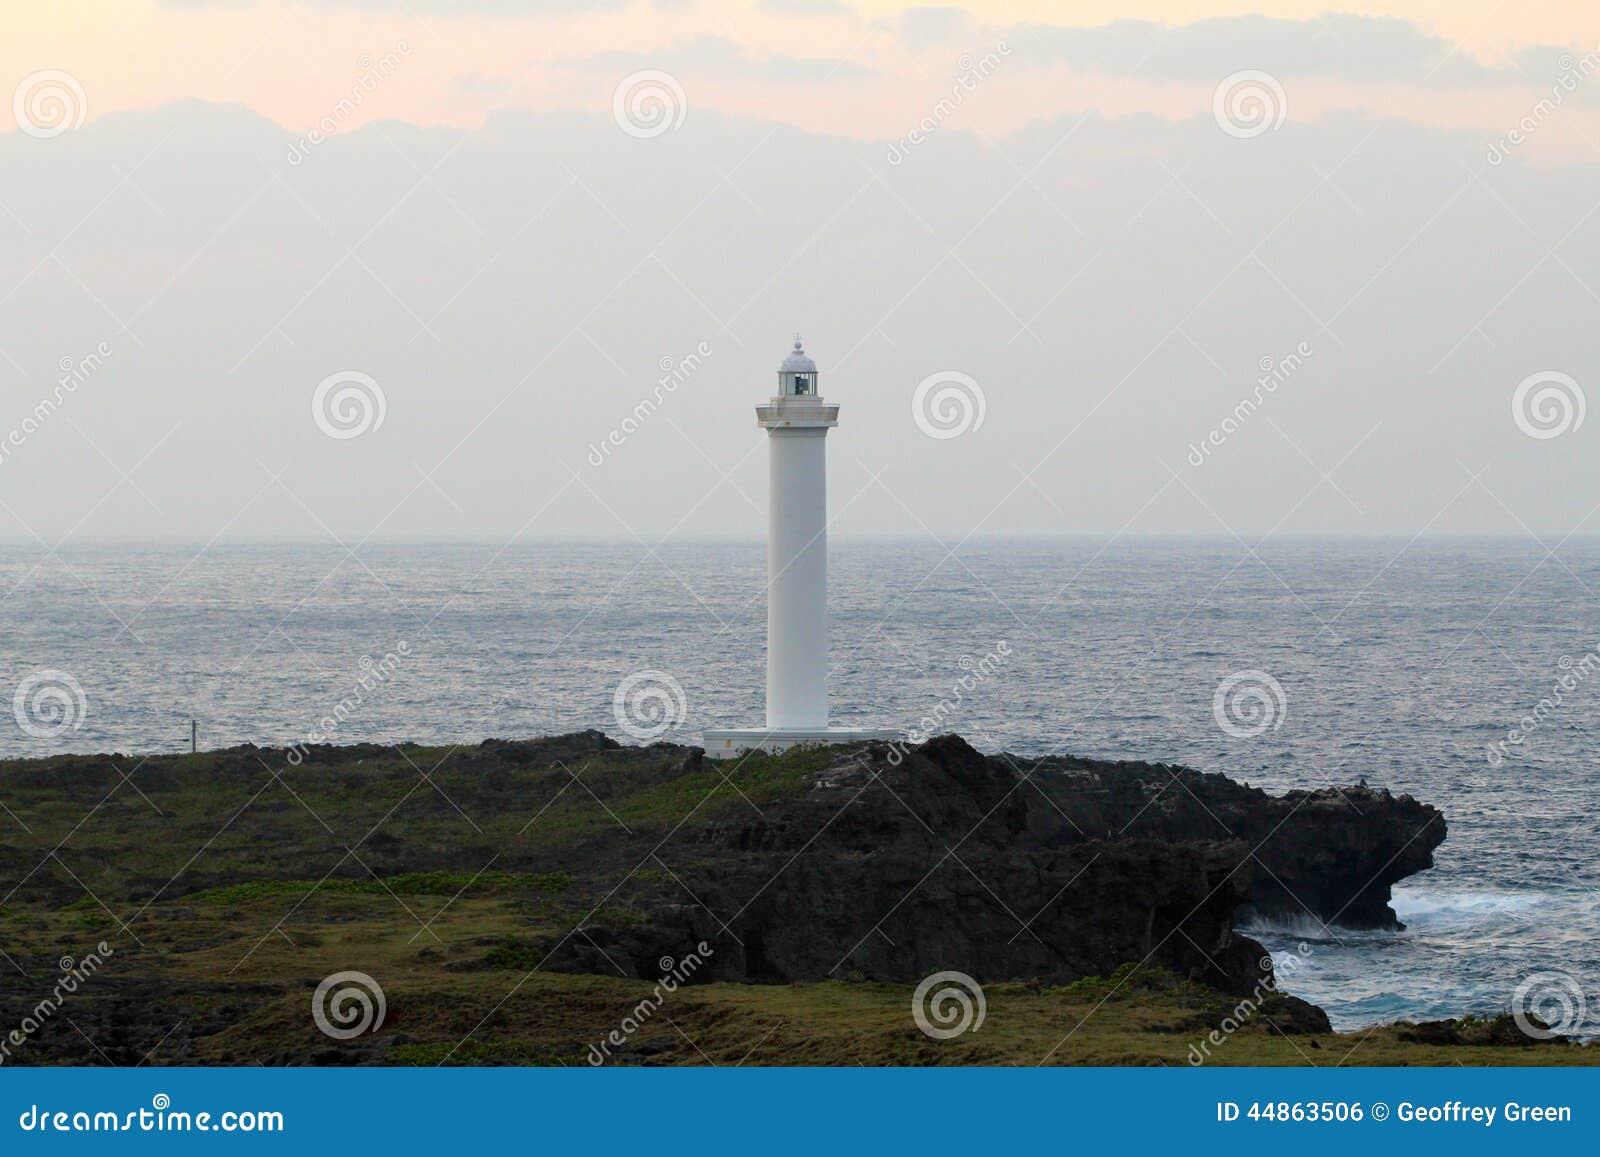 Lighthouse Cape Zampa, Yomitan Village, Okinawa Japan at Sunset